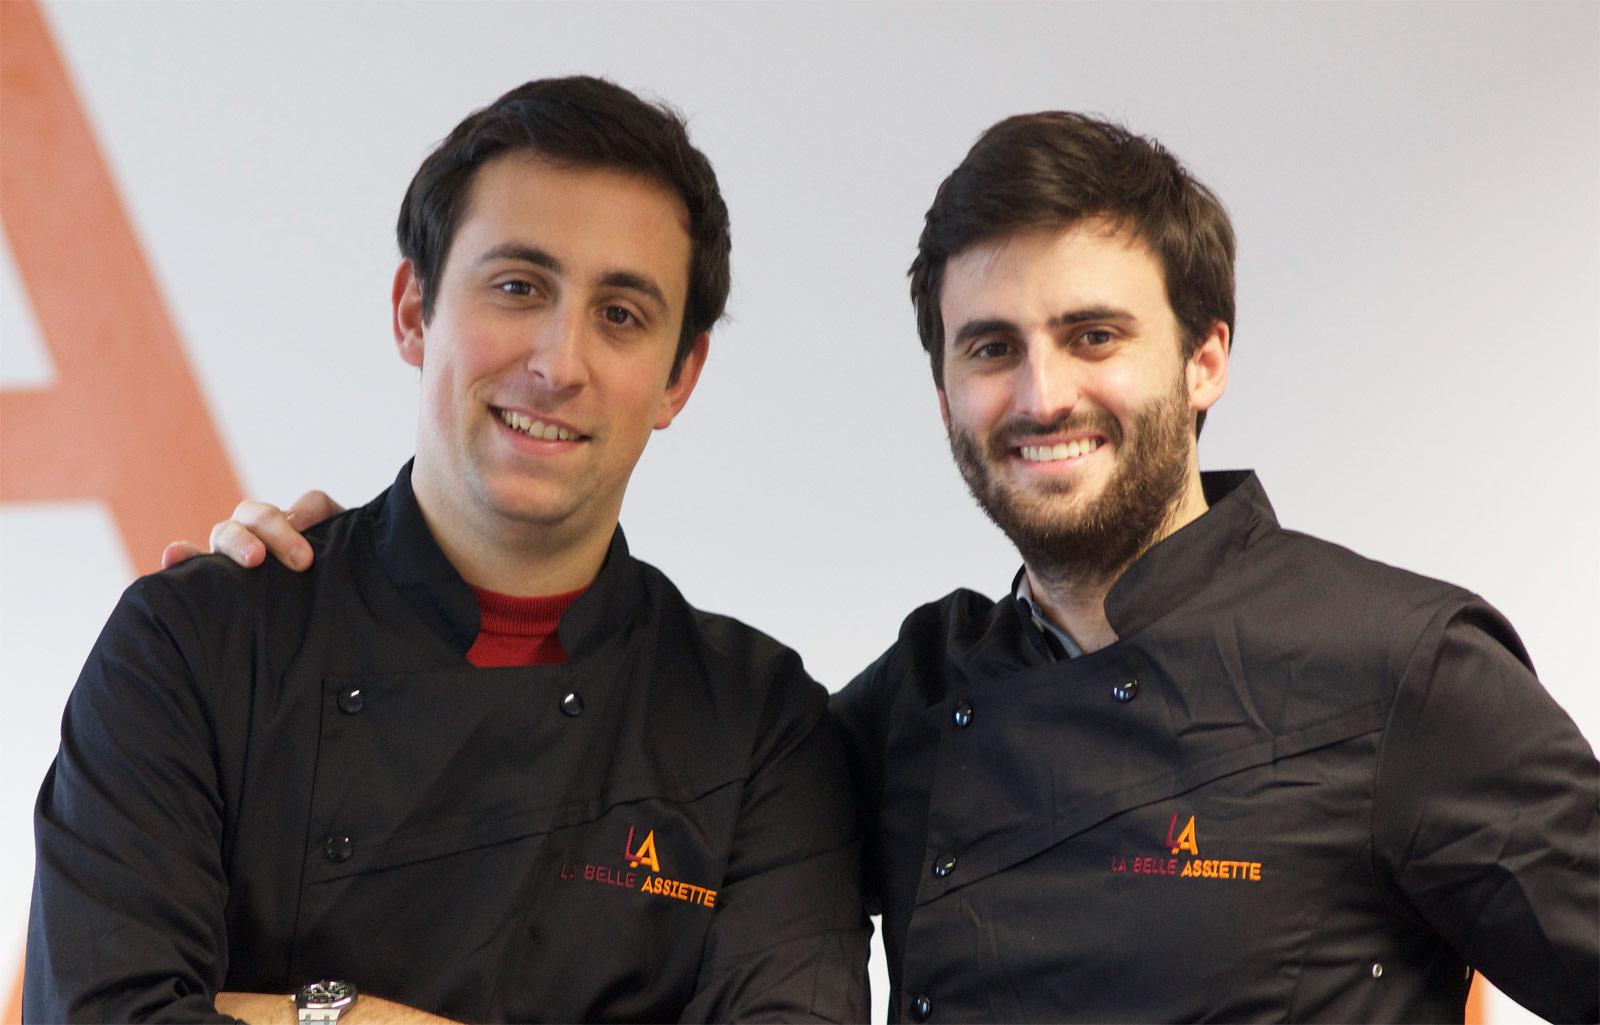 Co-founders of La Belle Assiette Stephen and Giorgio